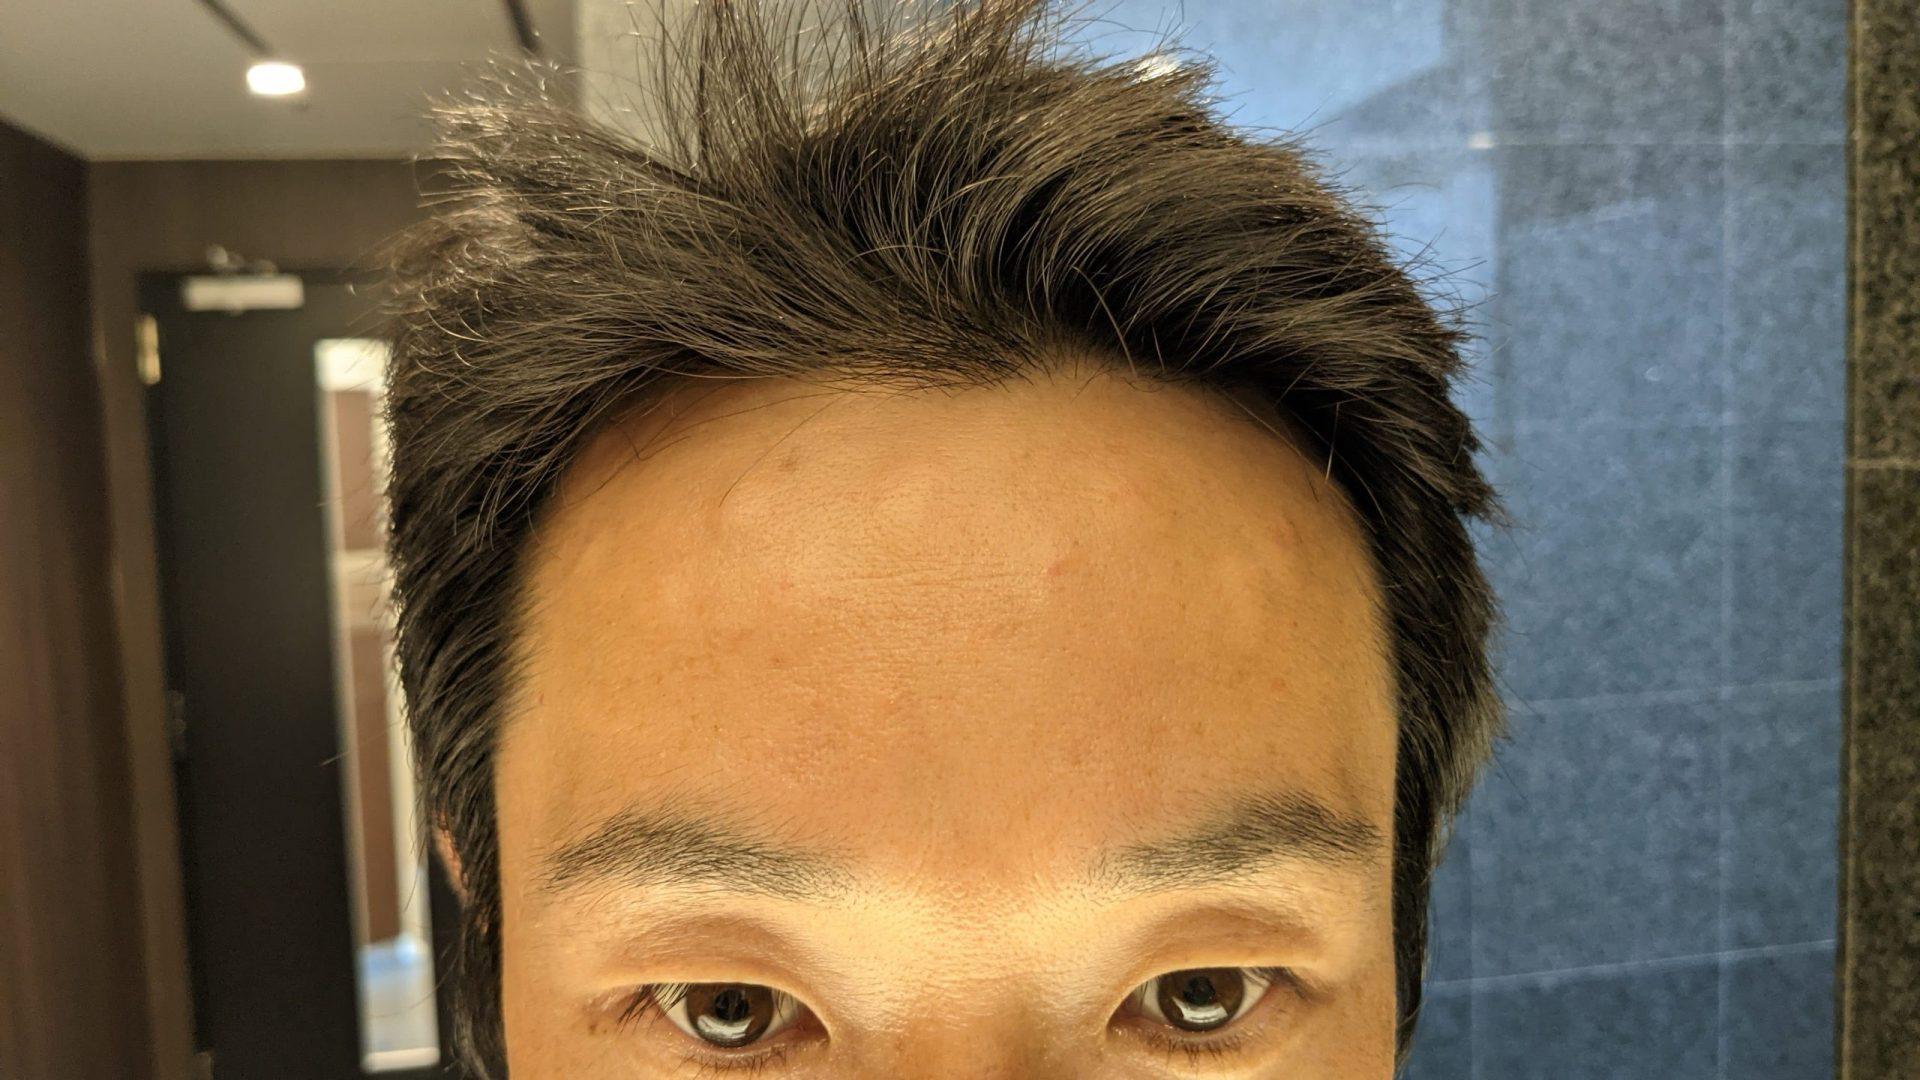 ボトックス注射直後の肌がボコボコになっている様子。